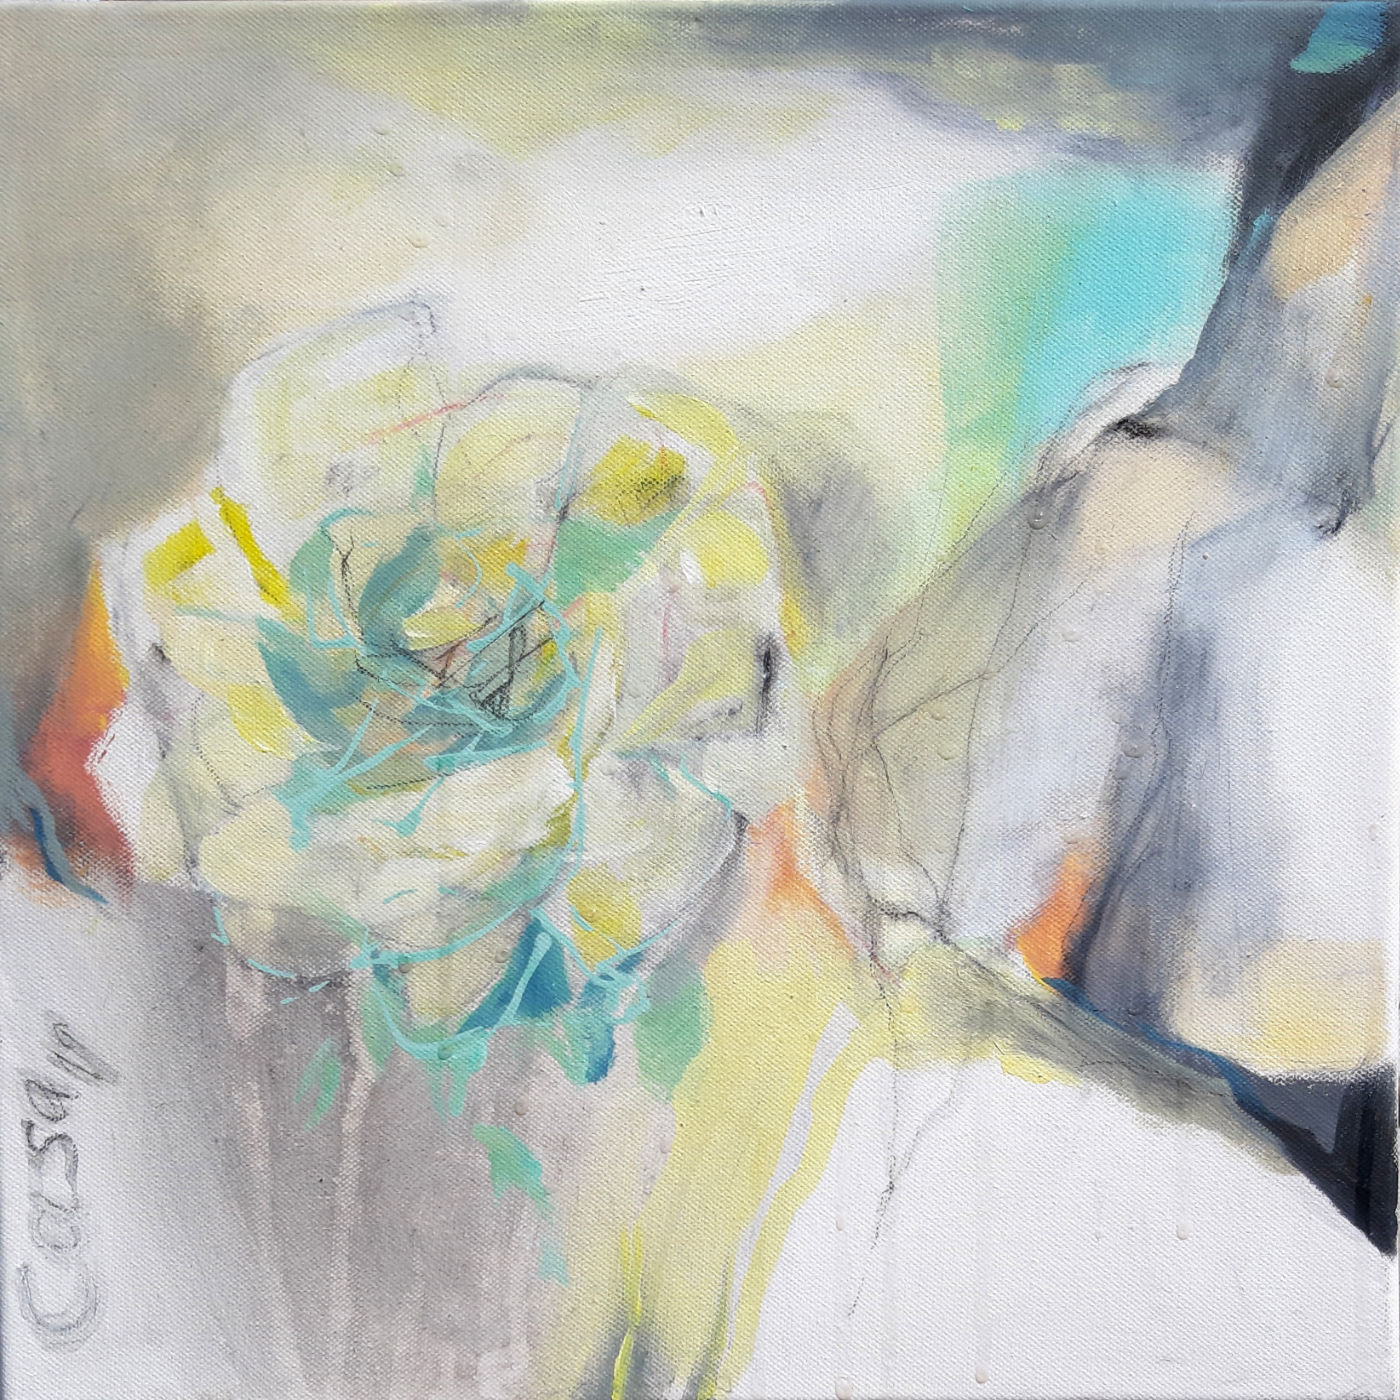 Rose allein - Acryl, mixed media auf Leinwand, 40 x 40 cm